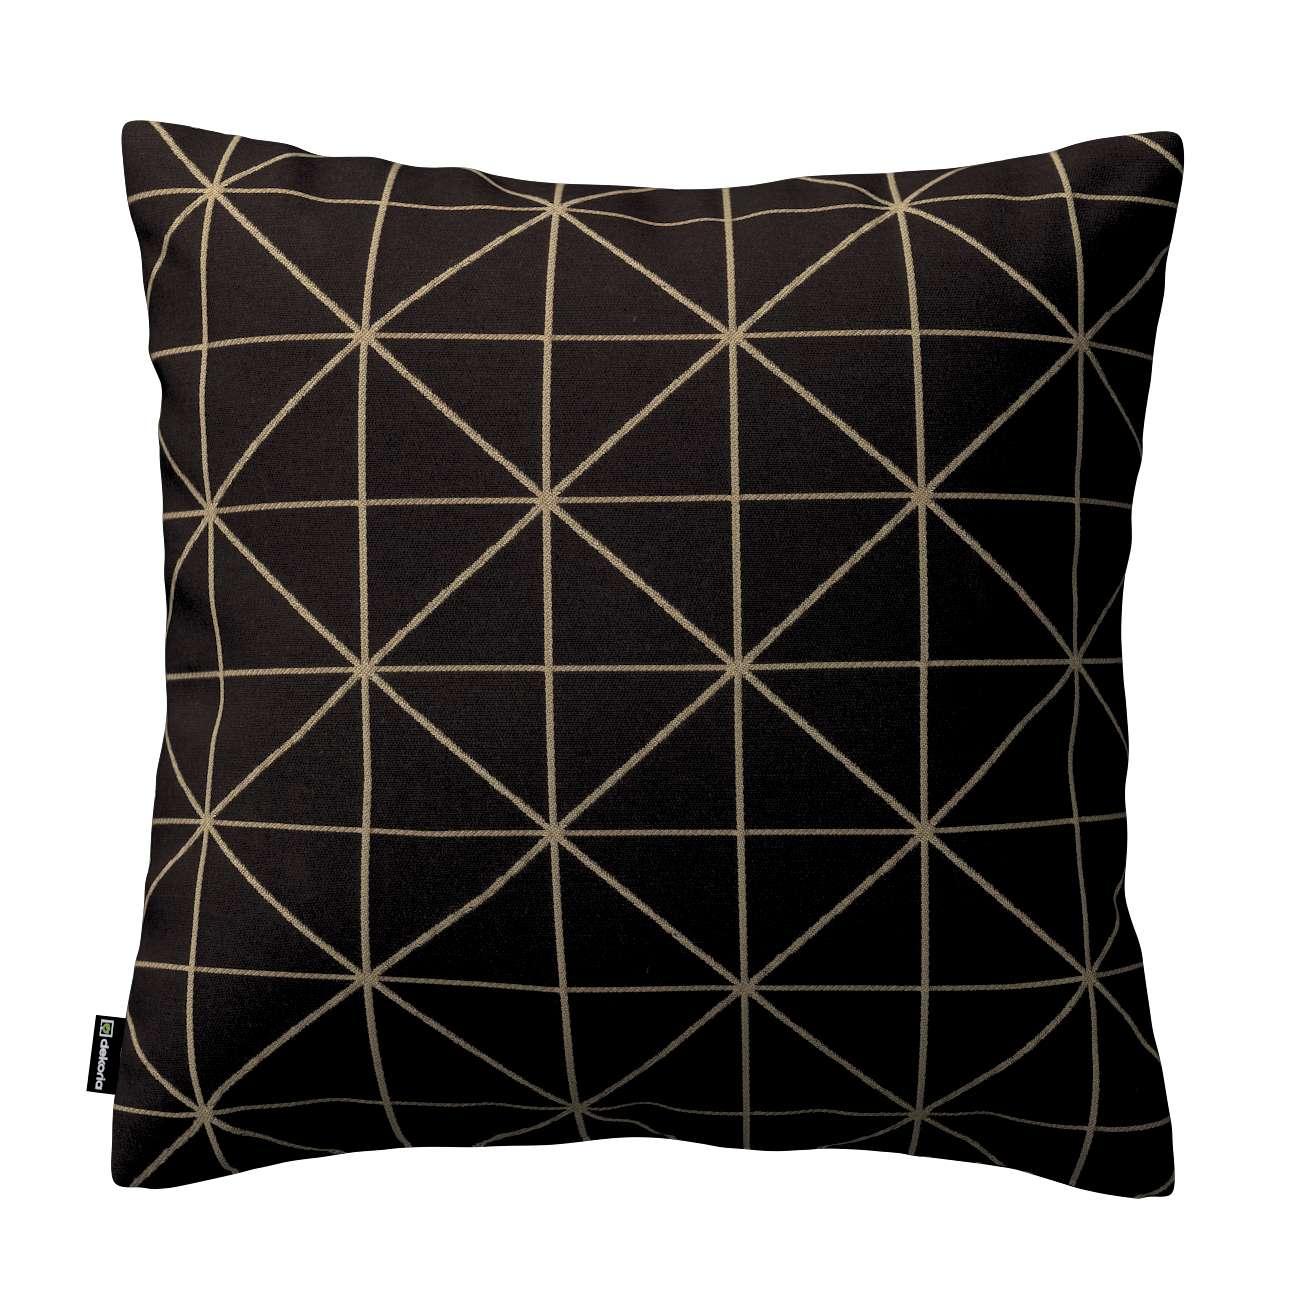 Poszewka Kinga na poduszkę w kolekcji Black & White, tkanina: 142-55